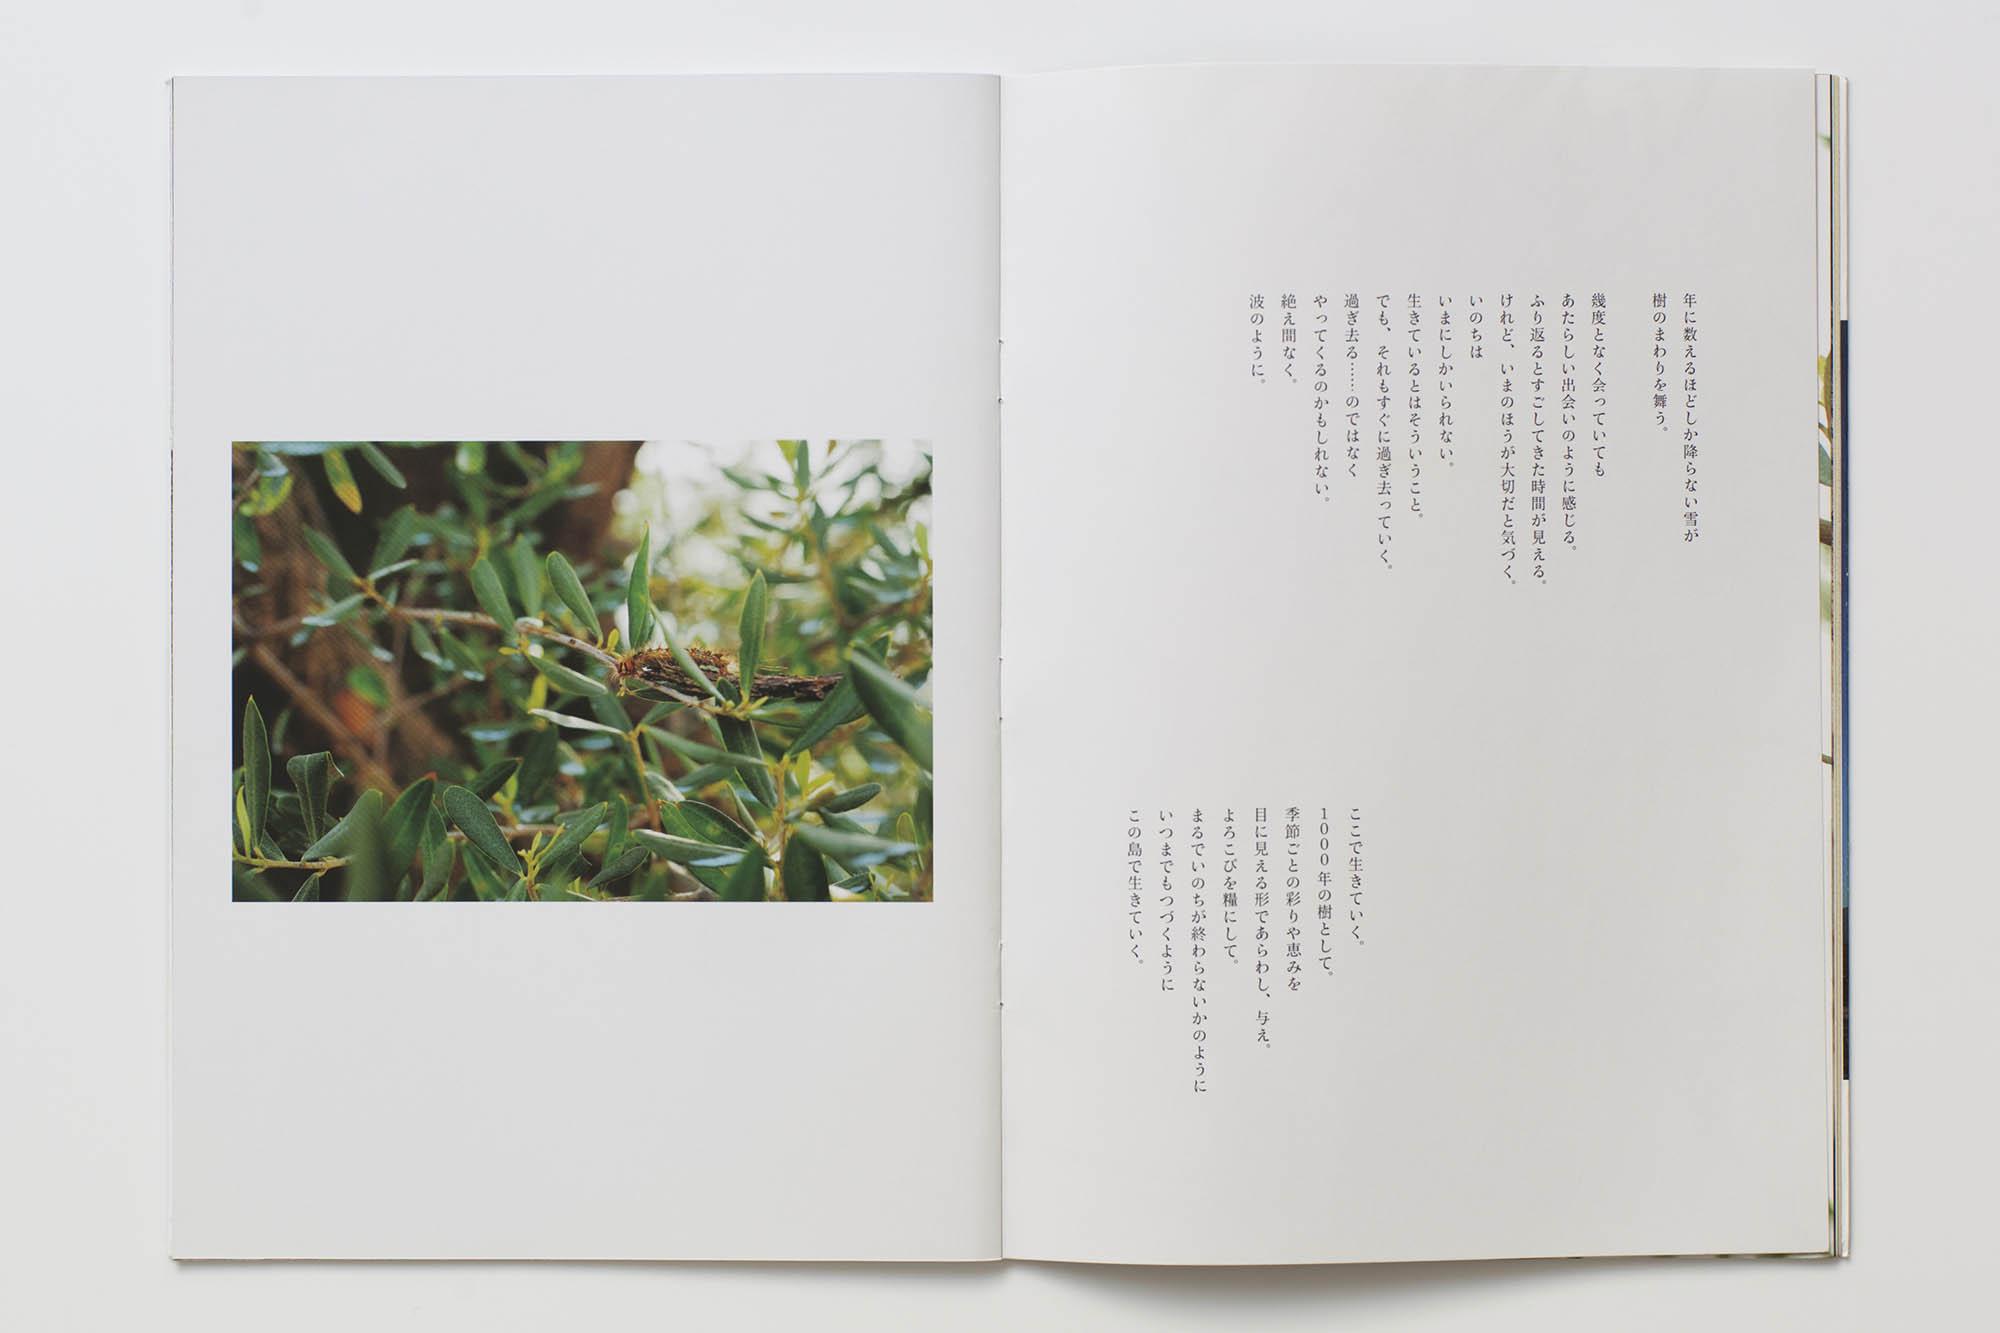 book_03_36